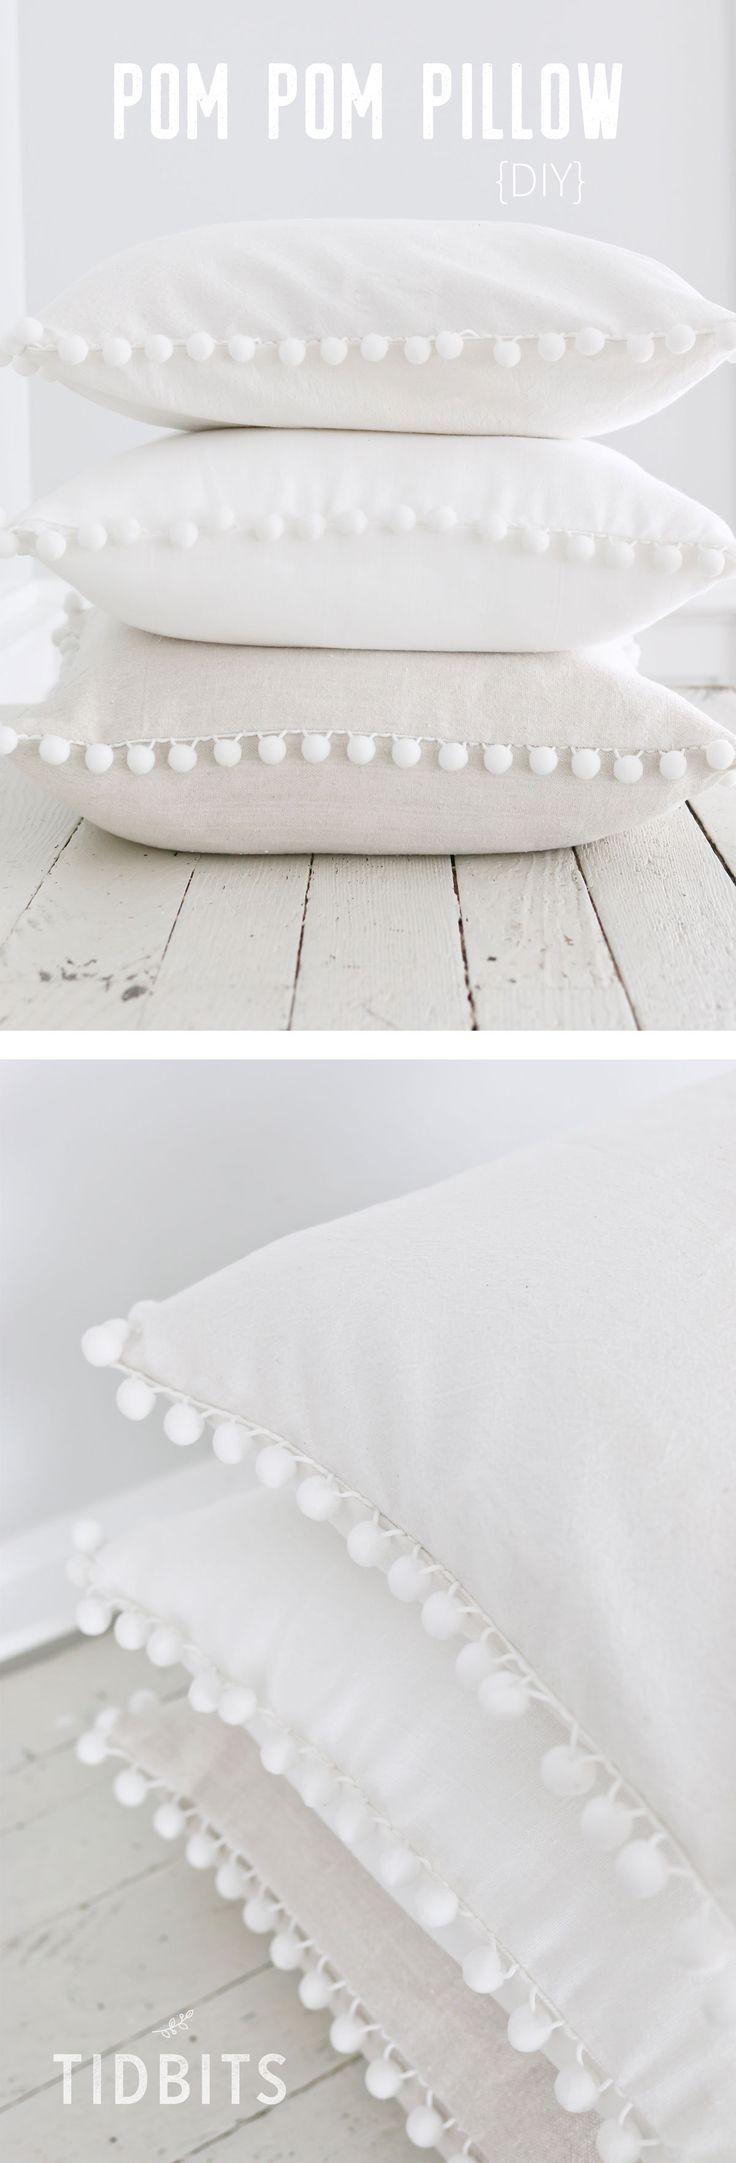 DIY Pom Pom Pillow images